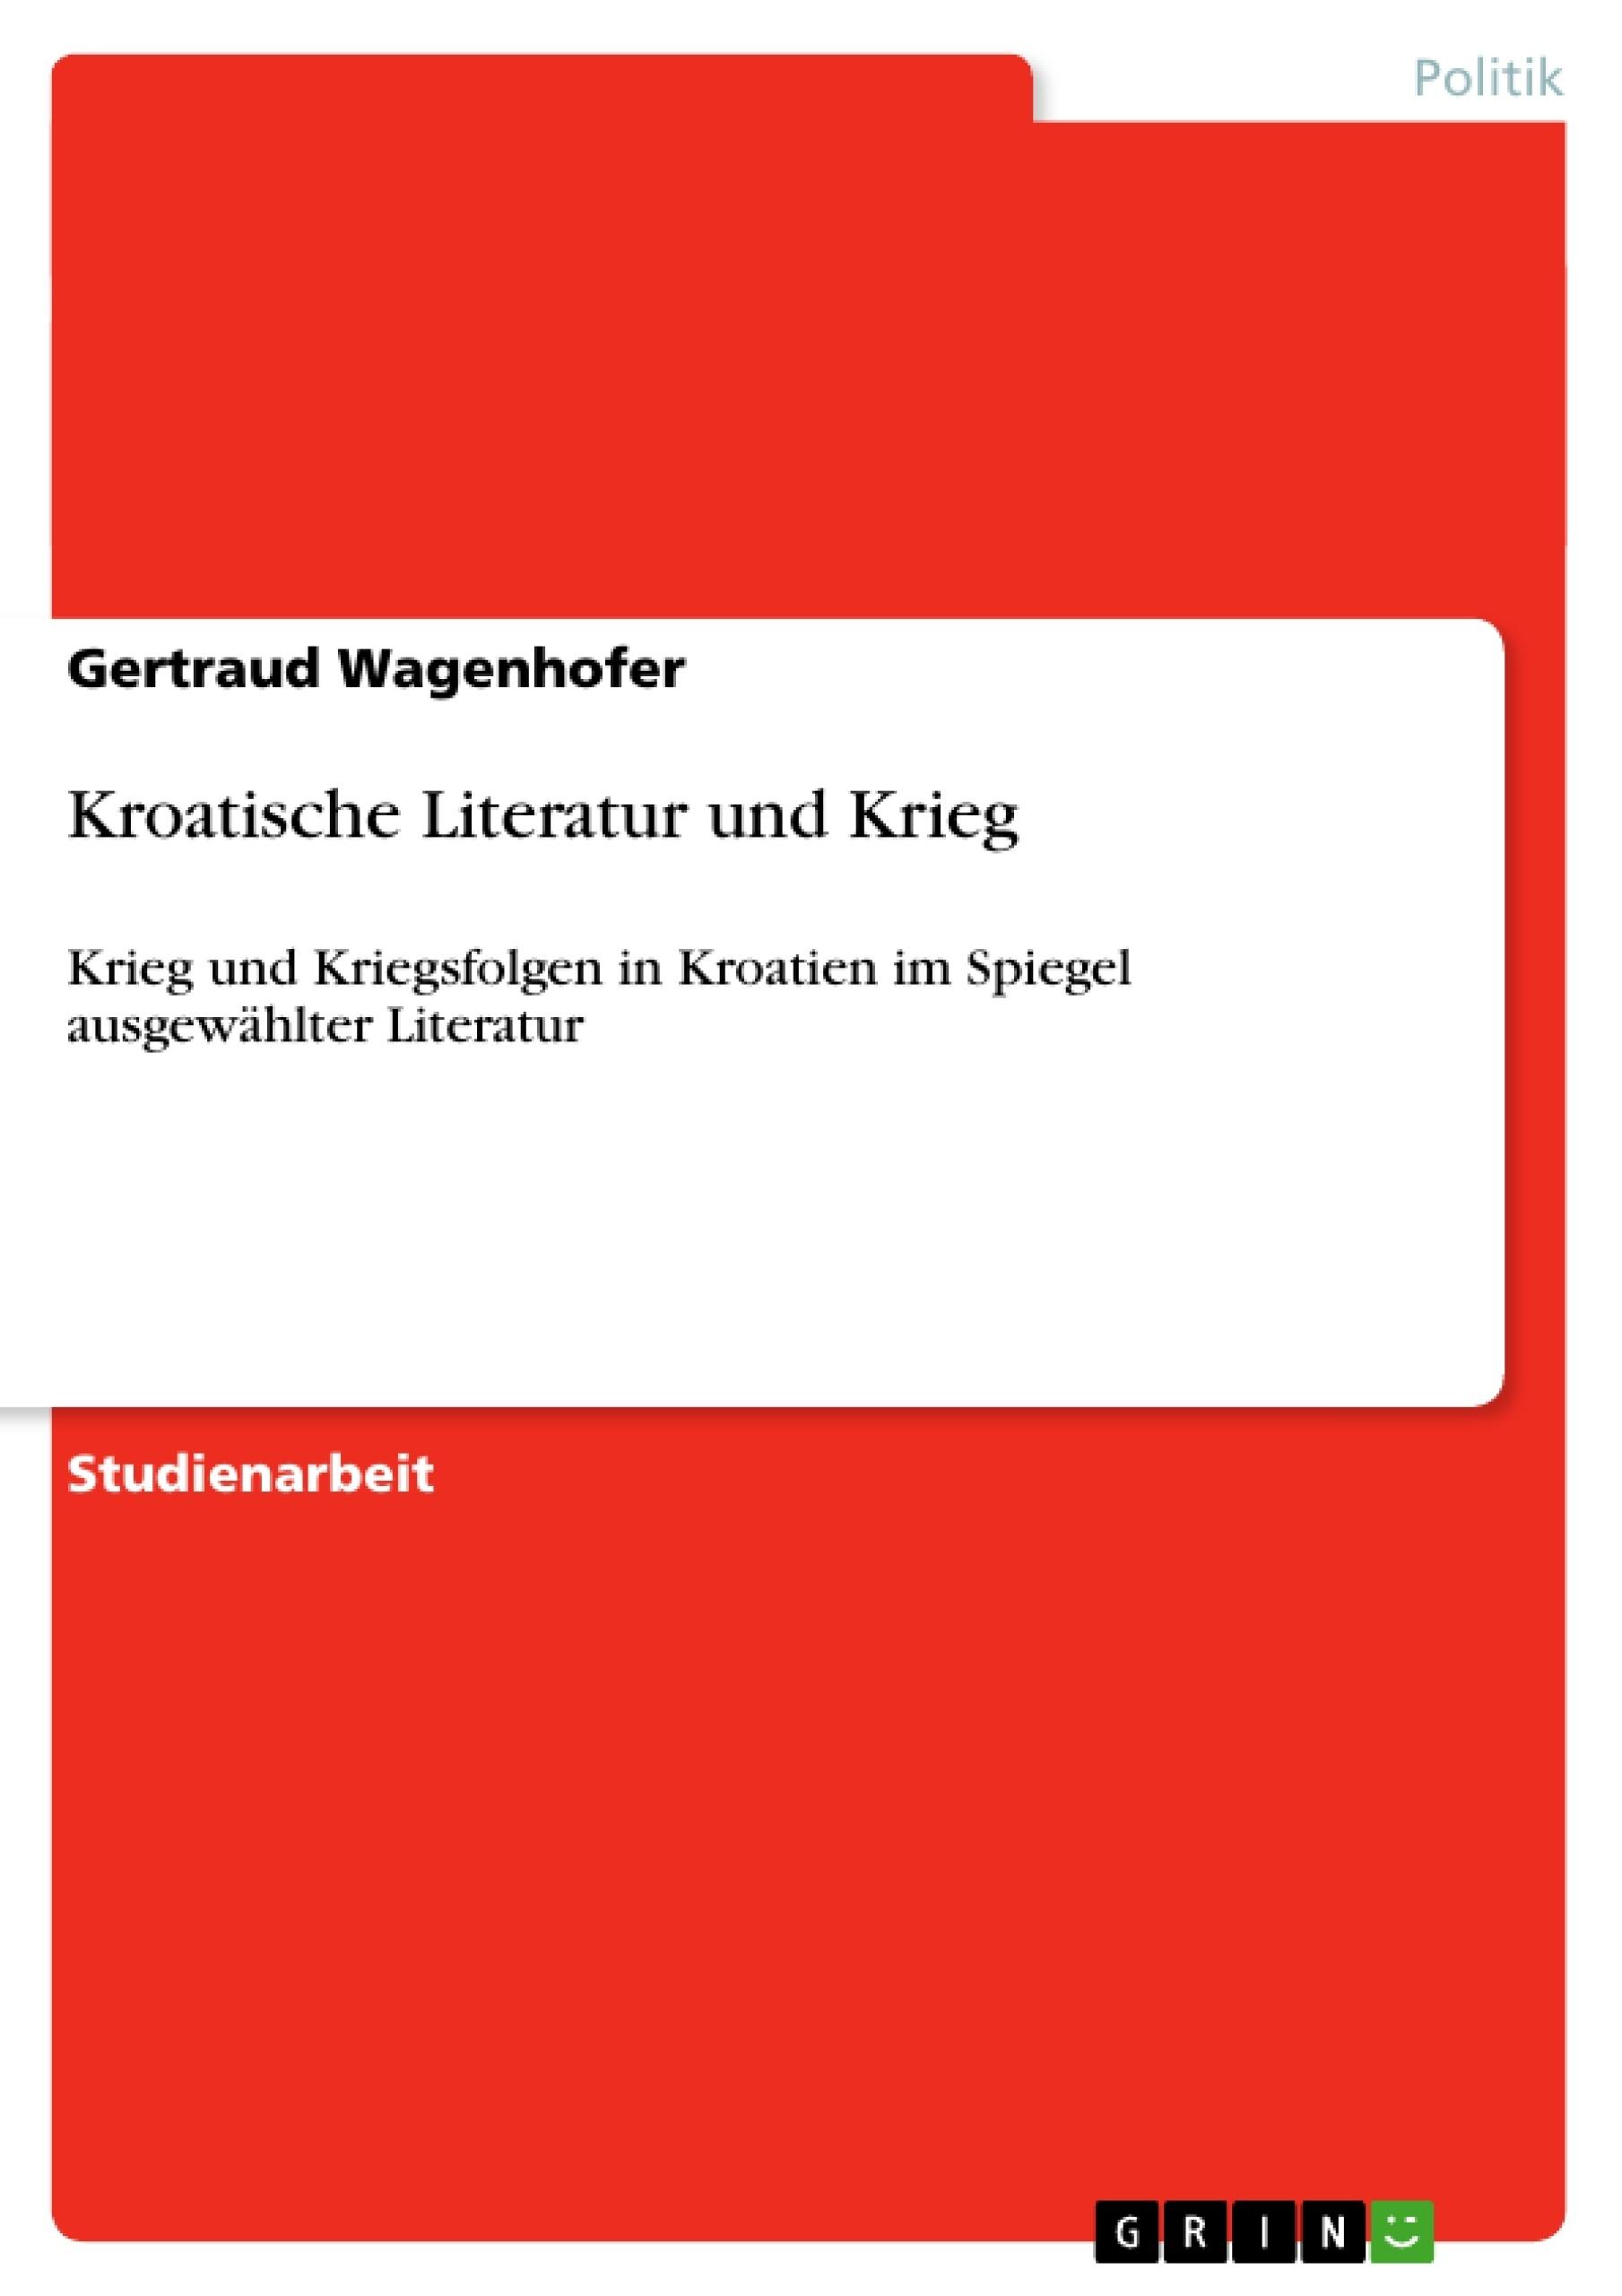 Titel: Kroatische Literatur und Krieg